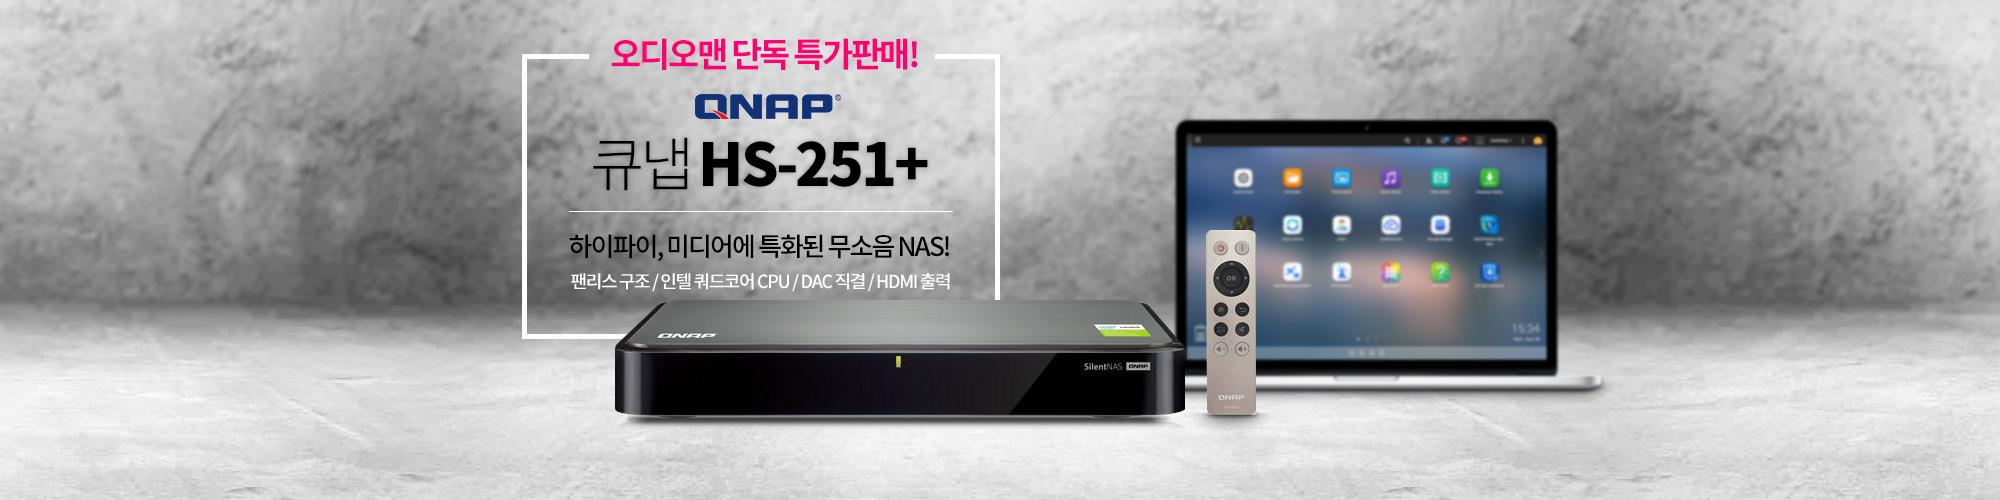 큐냅 HS-251+ 단독판매